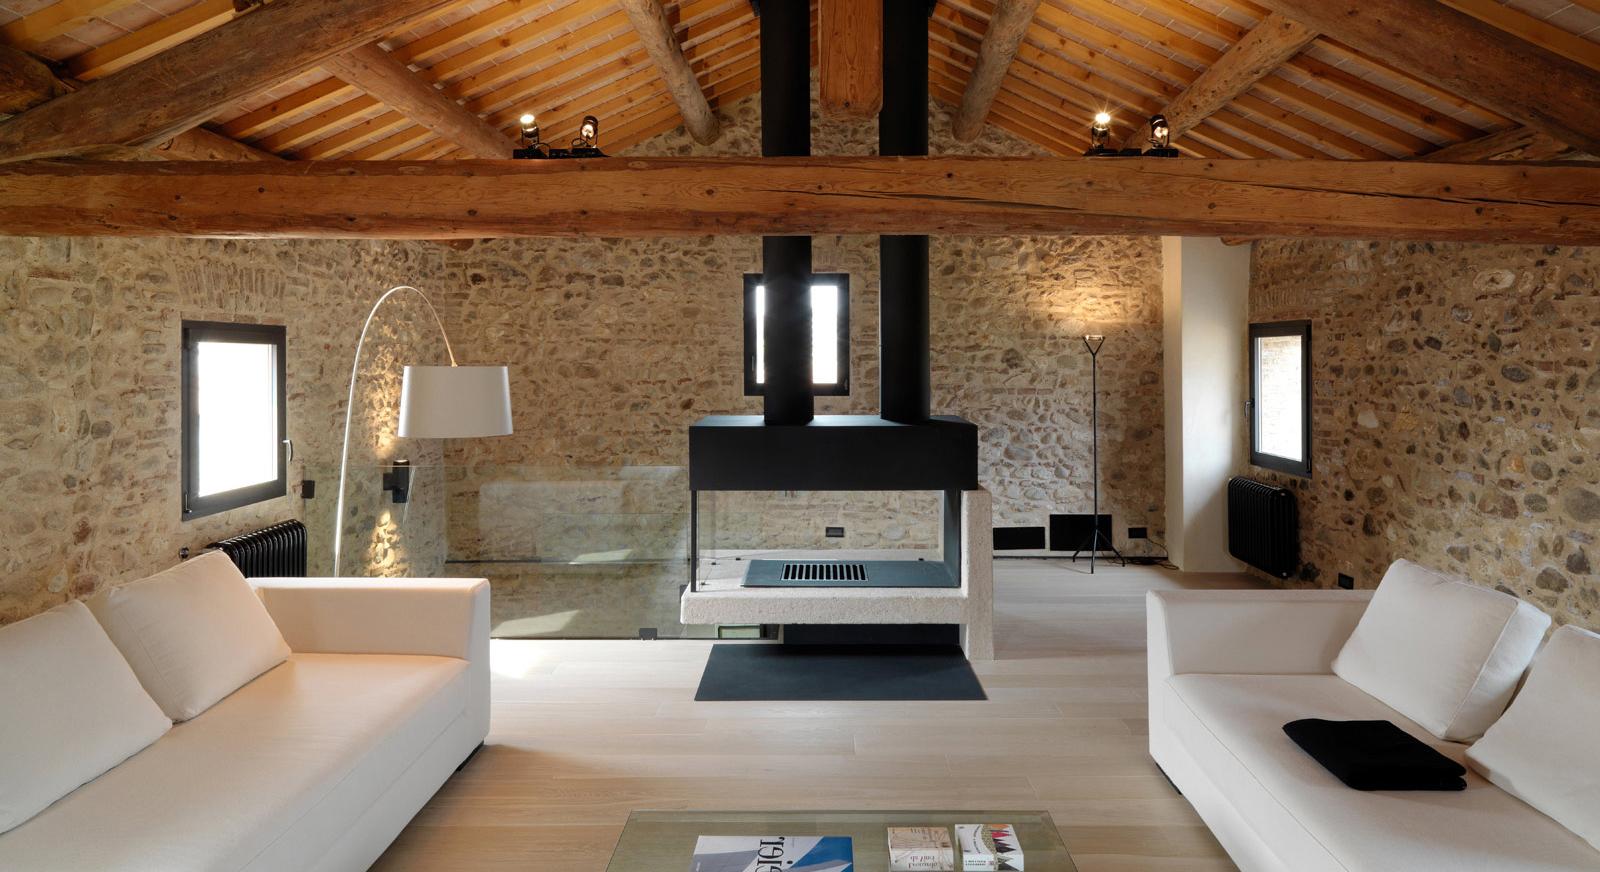 Ristrutturazione firenze preventivi gratuiti impresa - Architetto per ristrutturazione casa ...